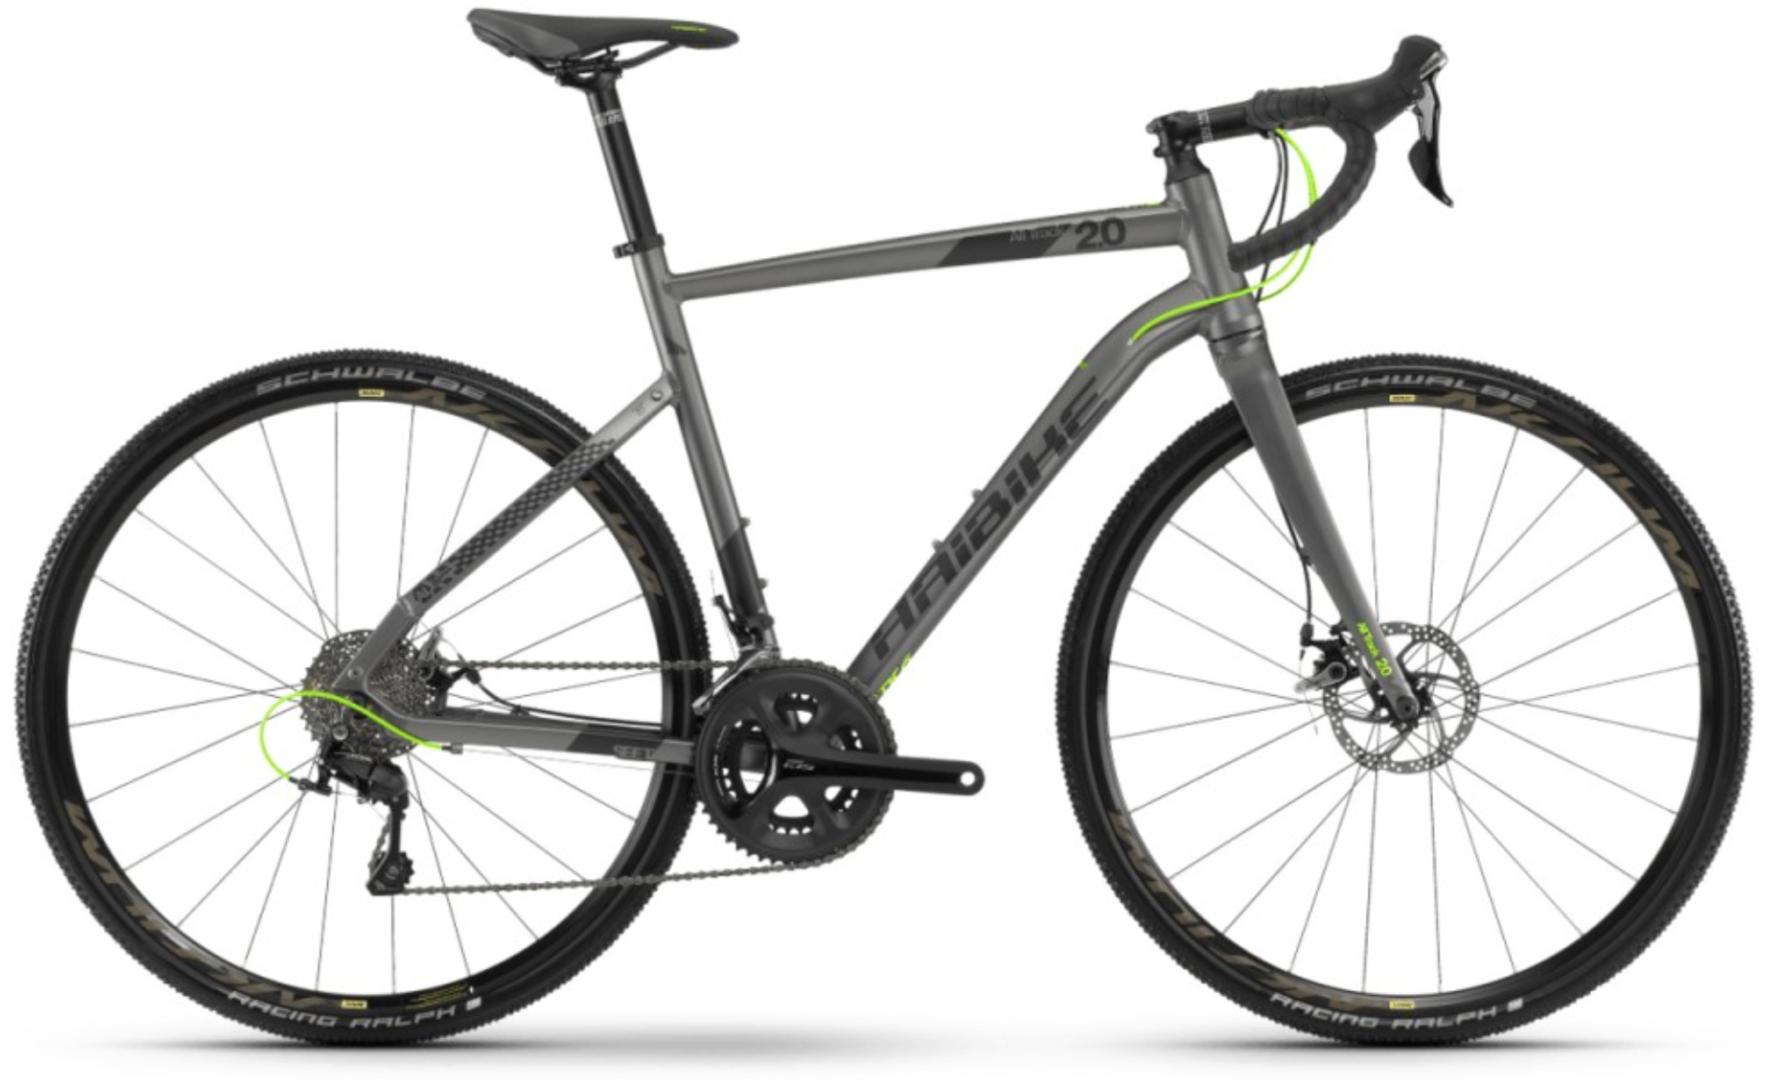 haibike seet alltrack 2 0 gravel bike online preiswert neu. Black Bedroom Furniture Sets. Home Design Ideas